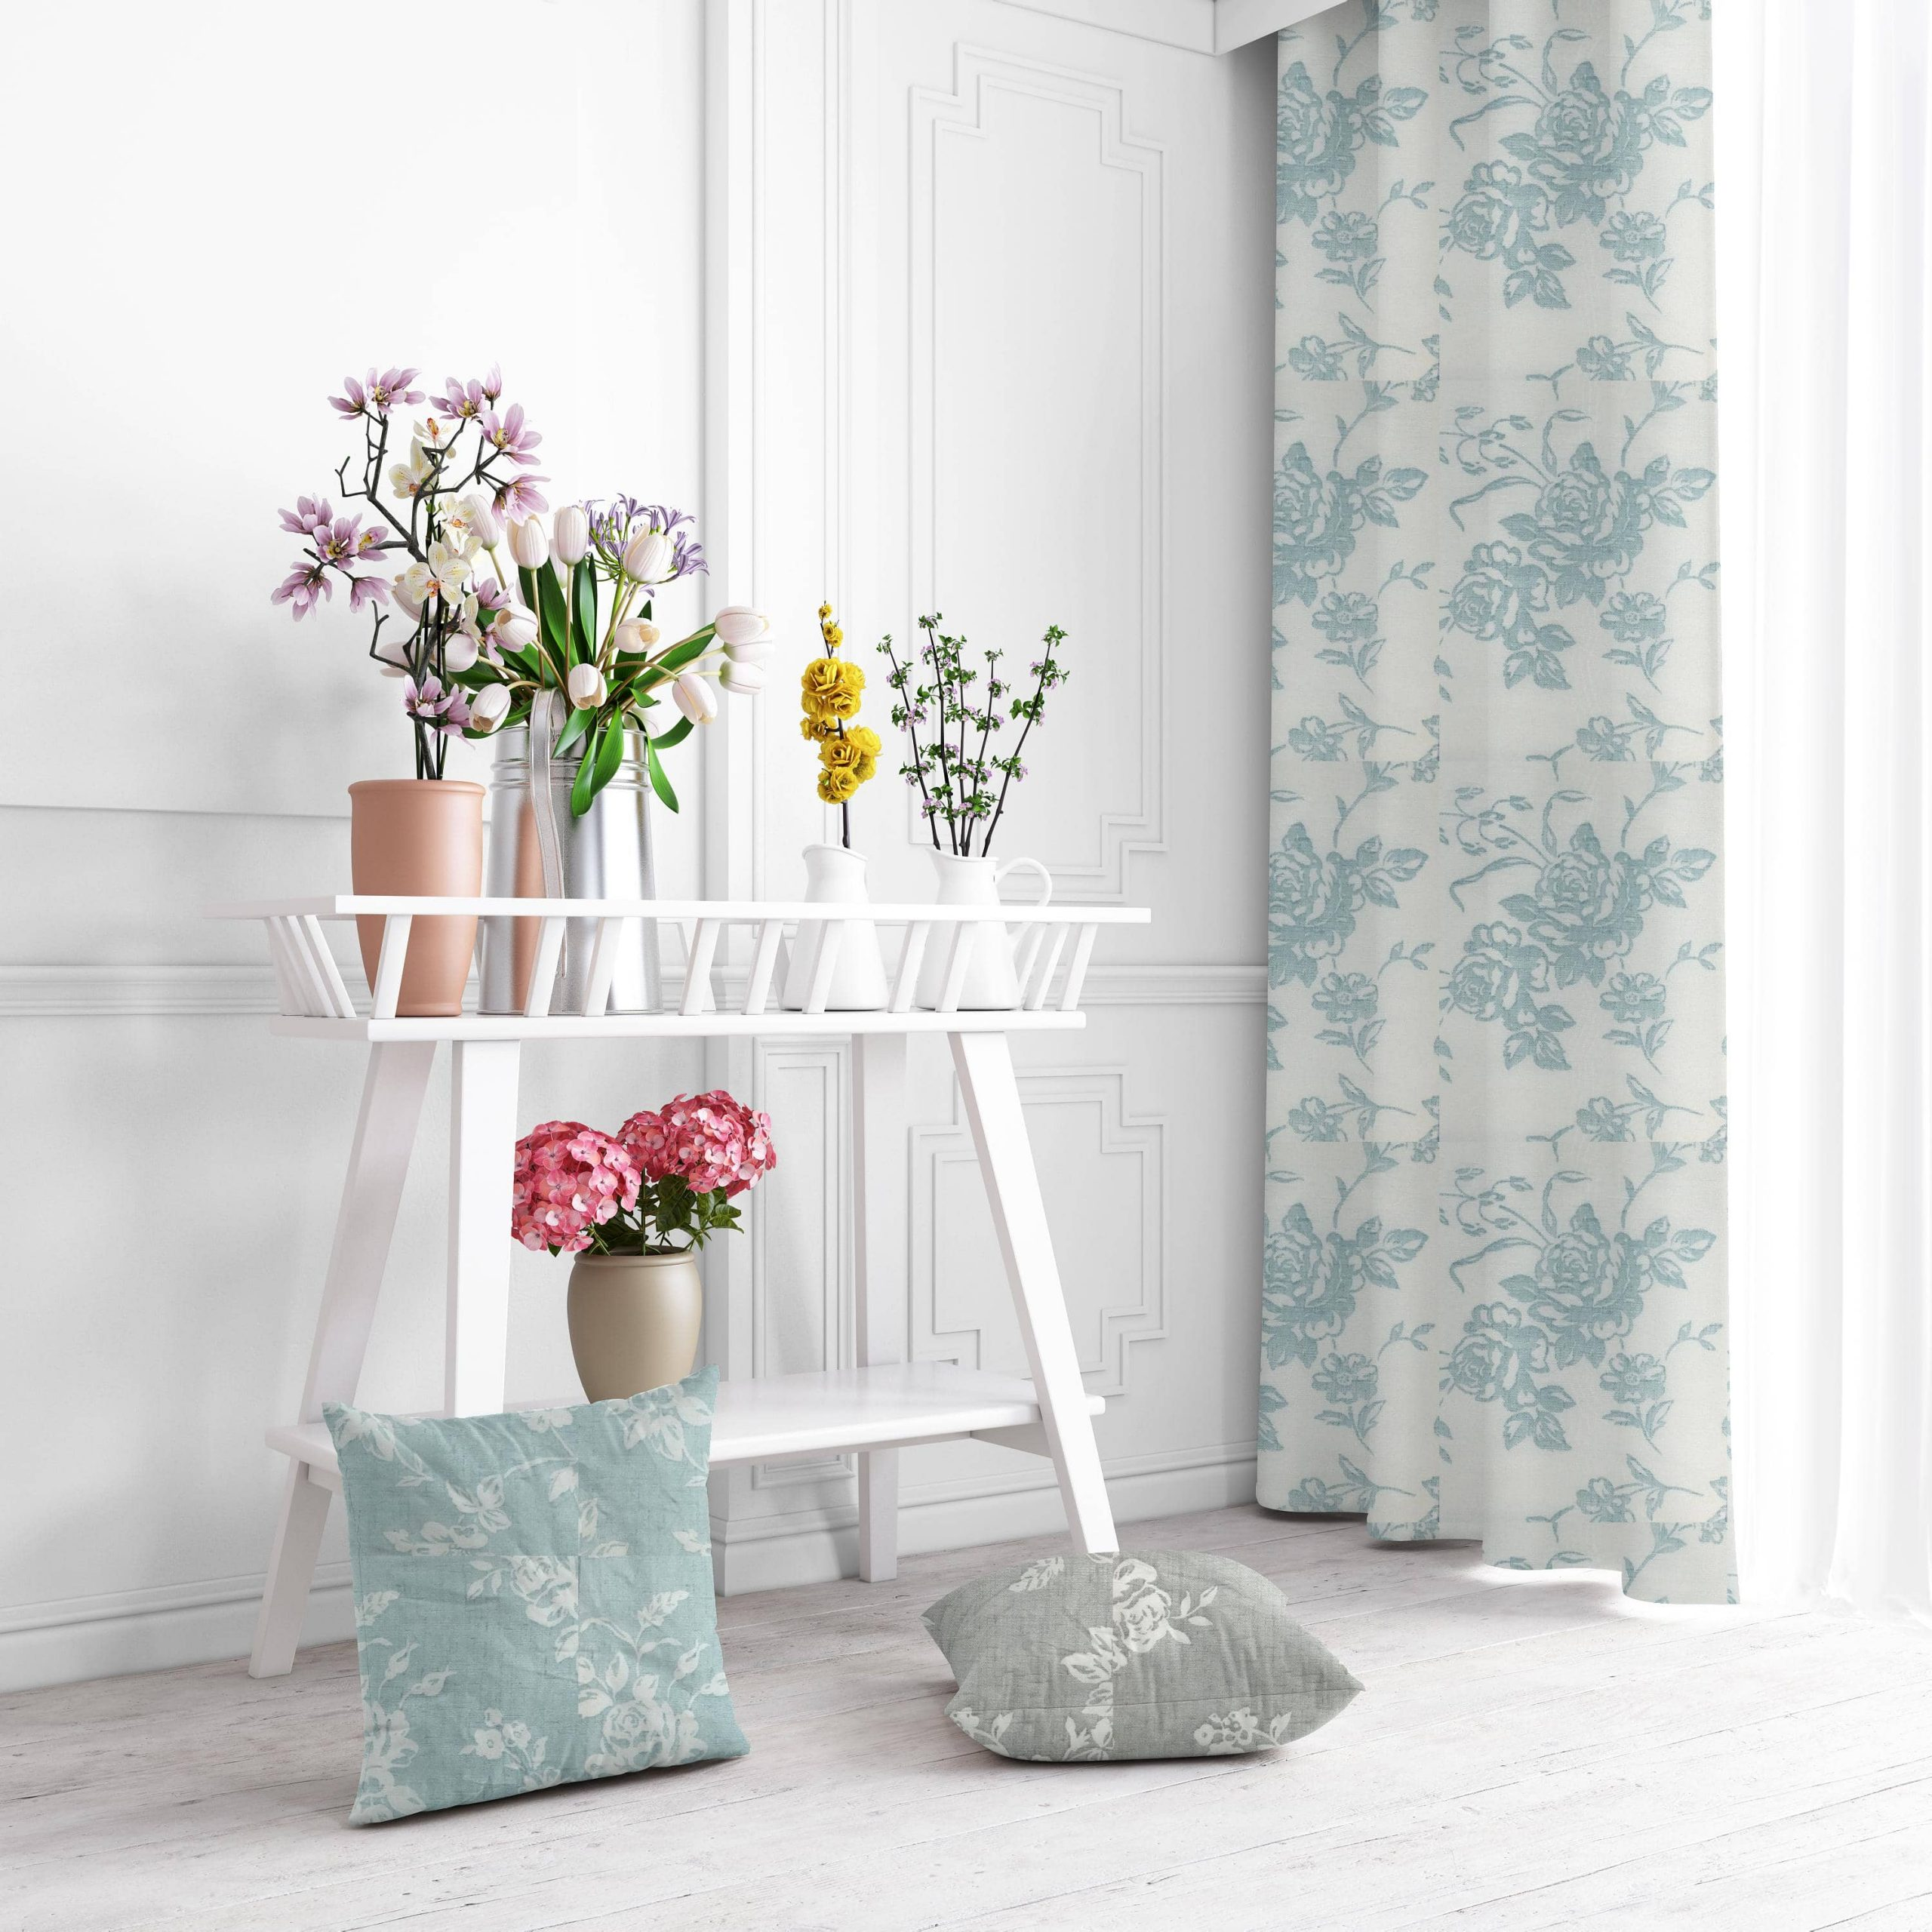 ημιδιαφανη κουρτινα floral turquoise